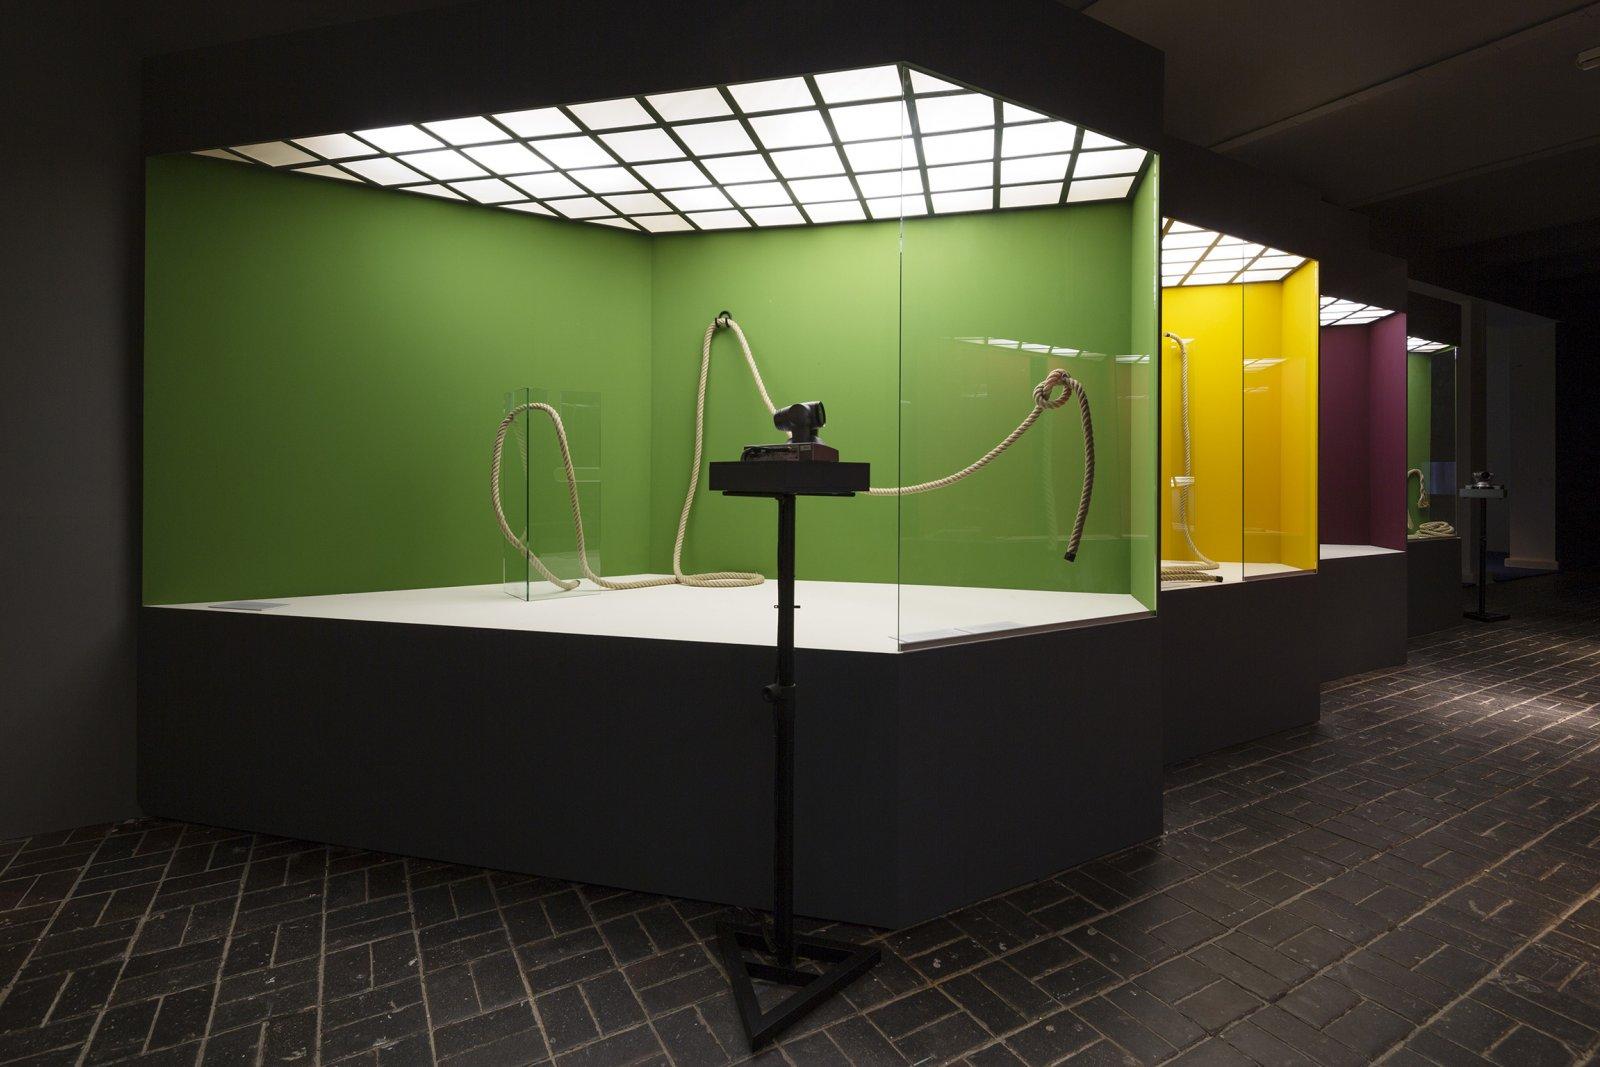 Judy Radul, Look. Look Away. Look Back, 2014, mixed media, dimensions variable. Installation view, 8th BerlinBiennale,Berlin,Germany, 2014 by Judy Radul